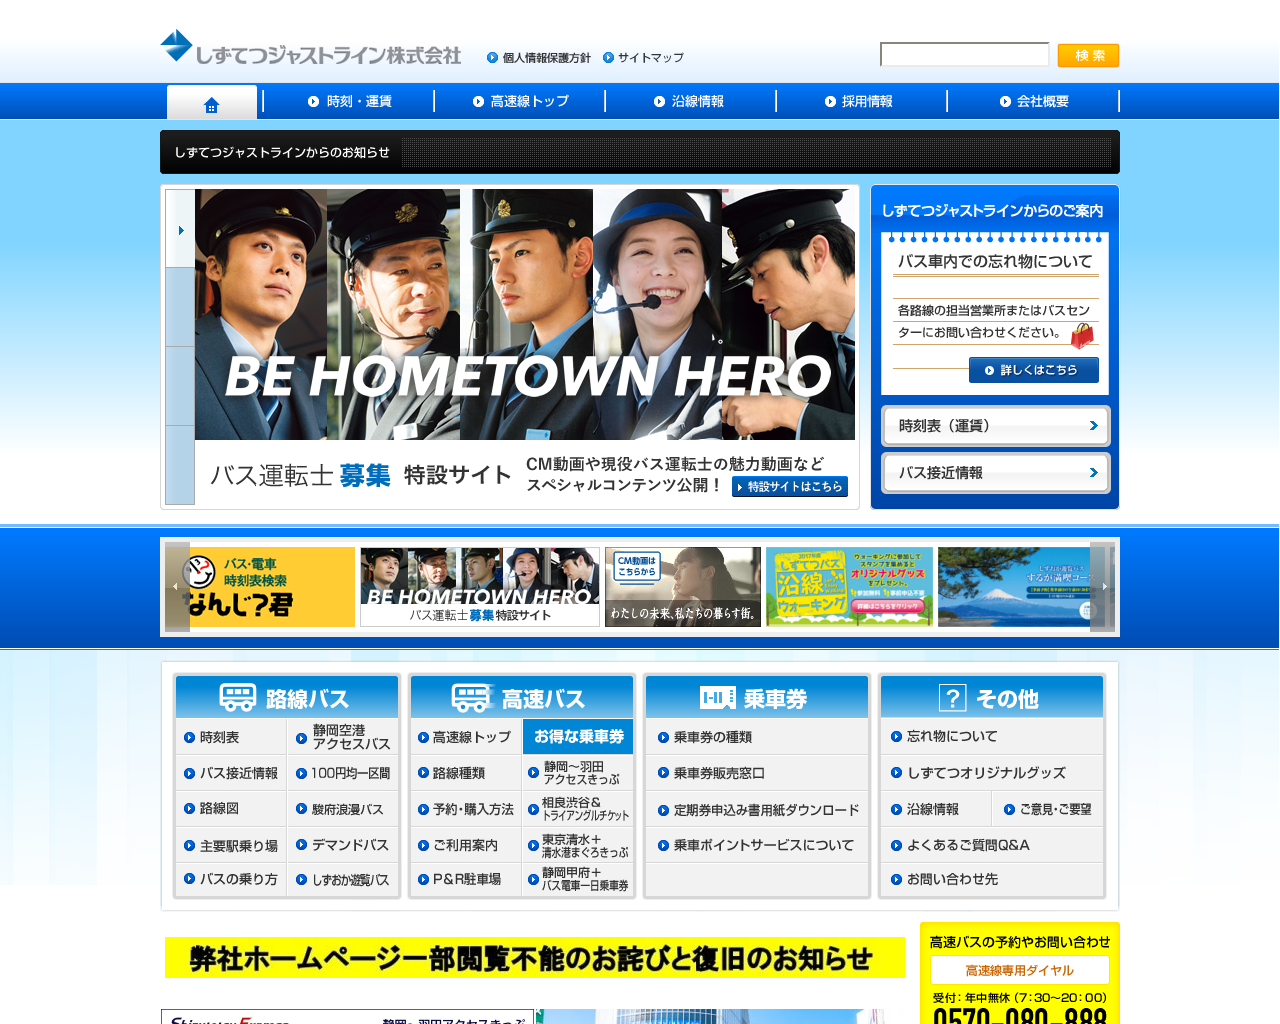 www.justline.co.jp(2018/01/12 22:21:25)